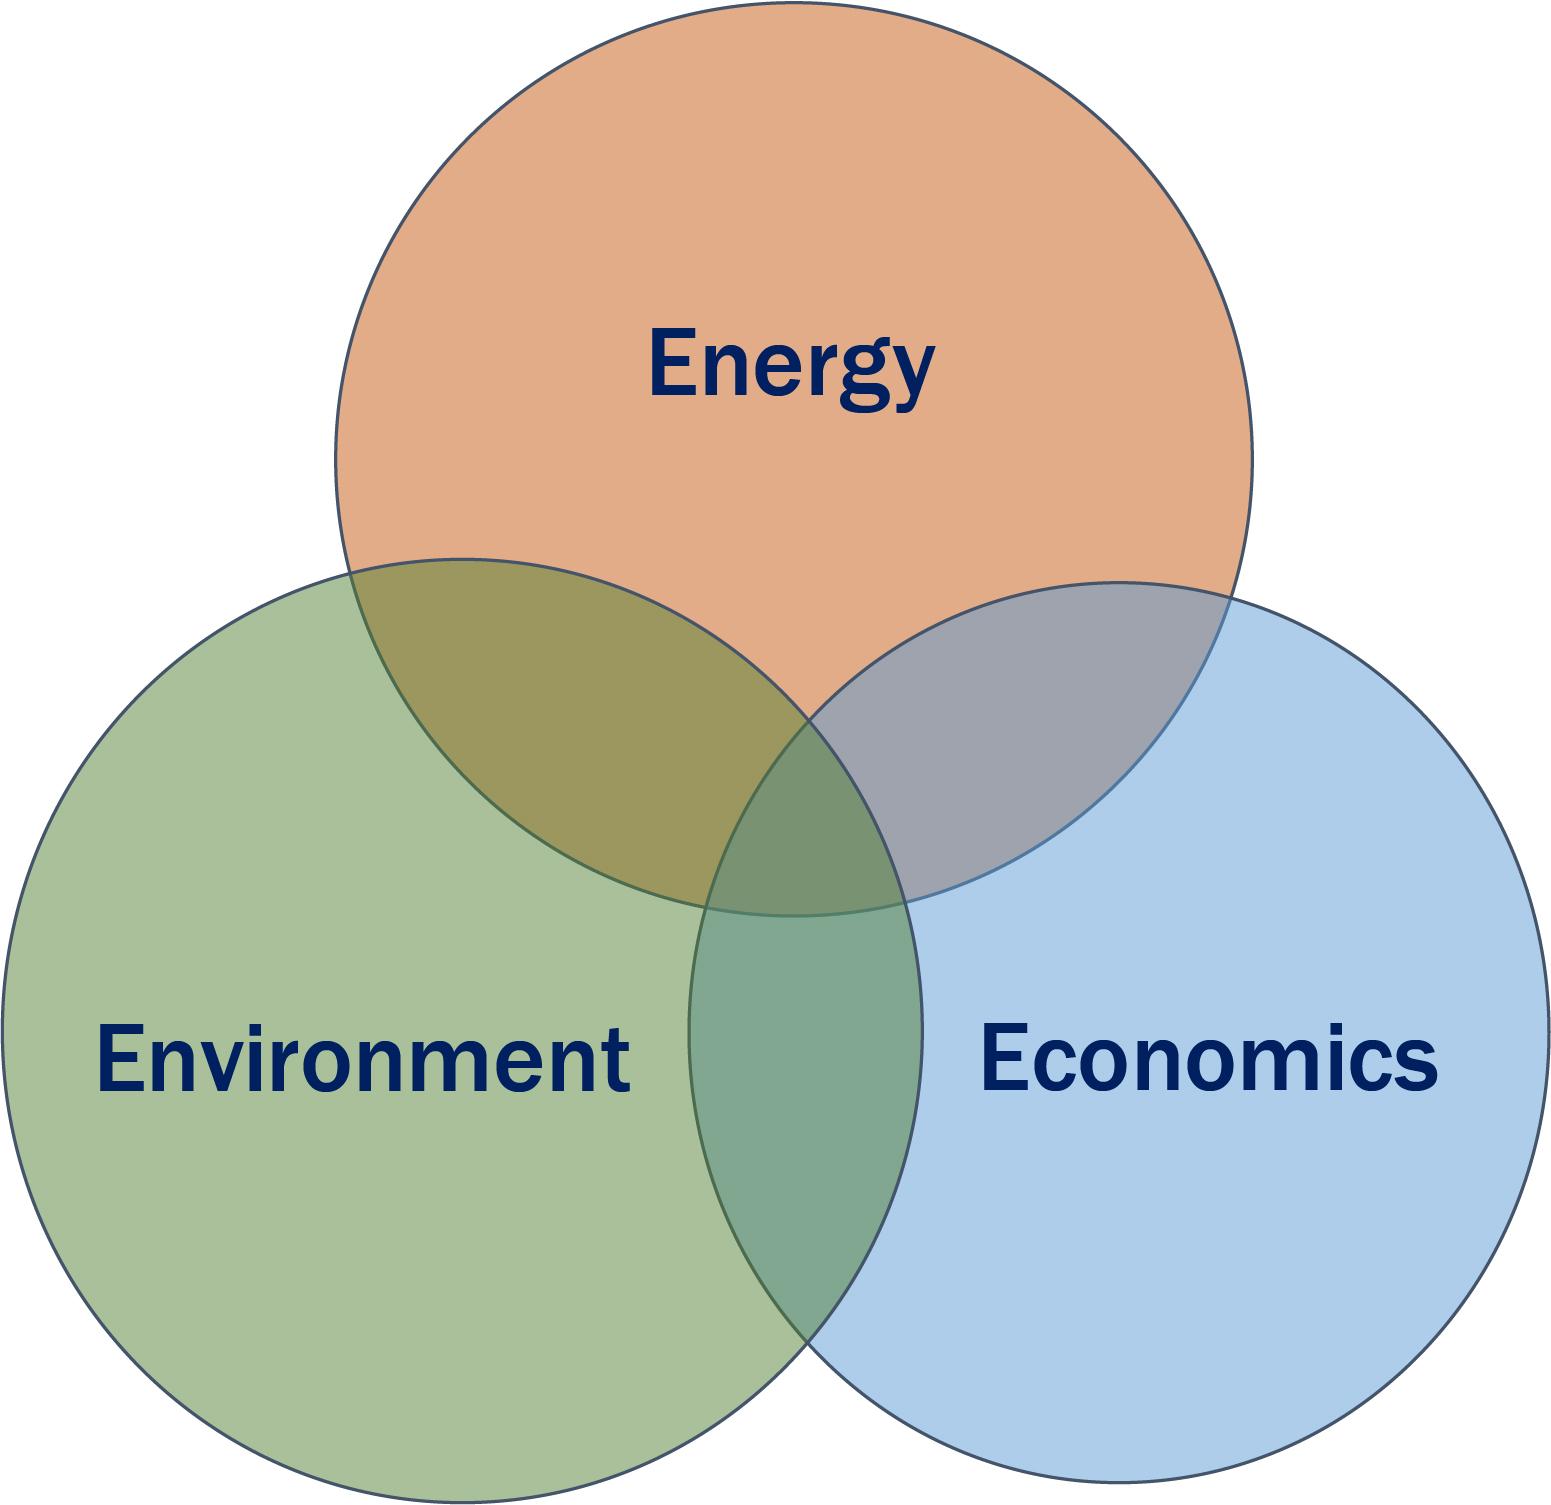 Energy, Economics, Environment